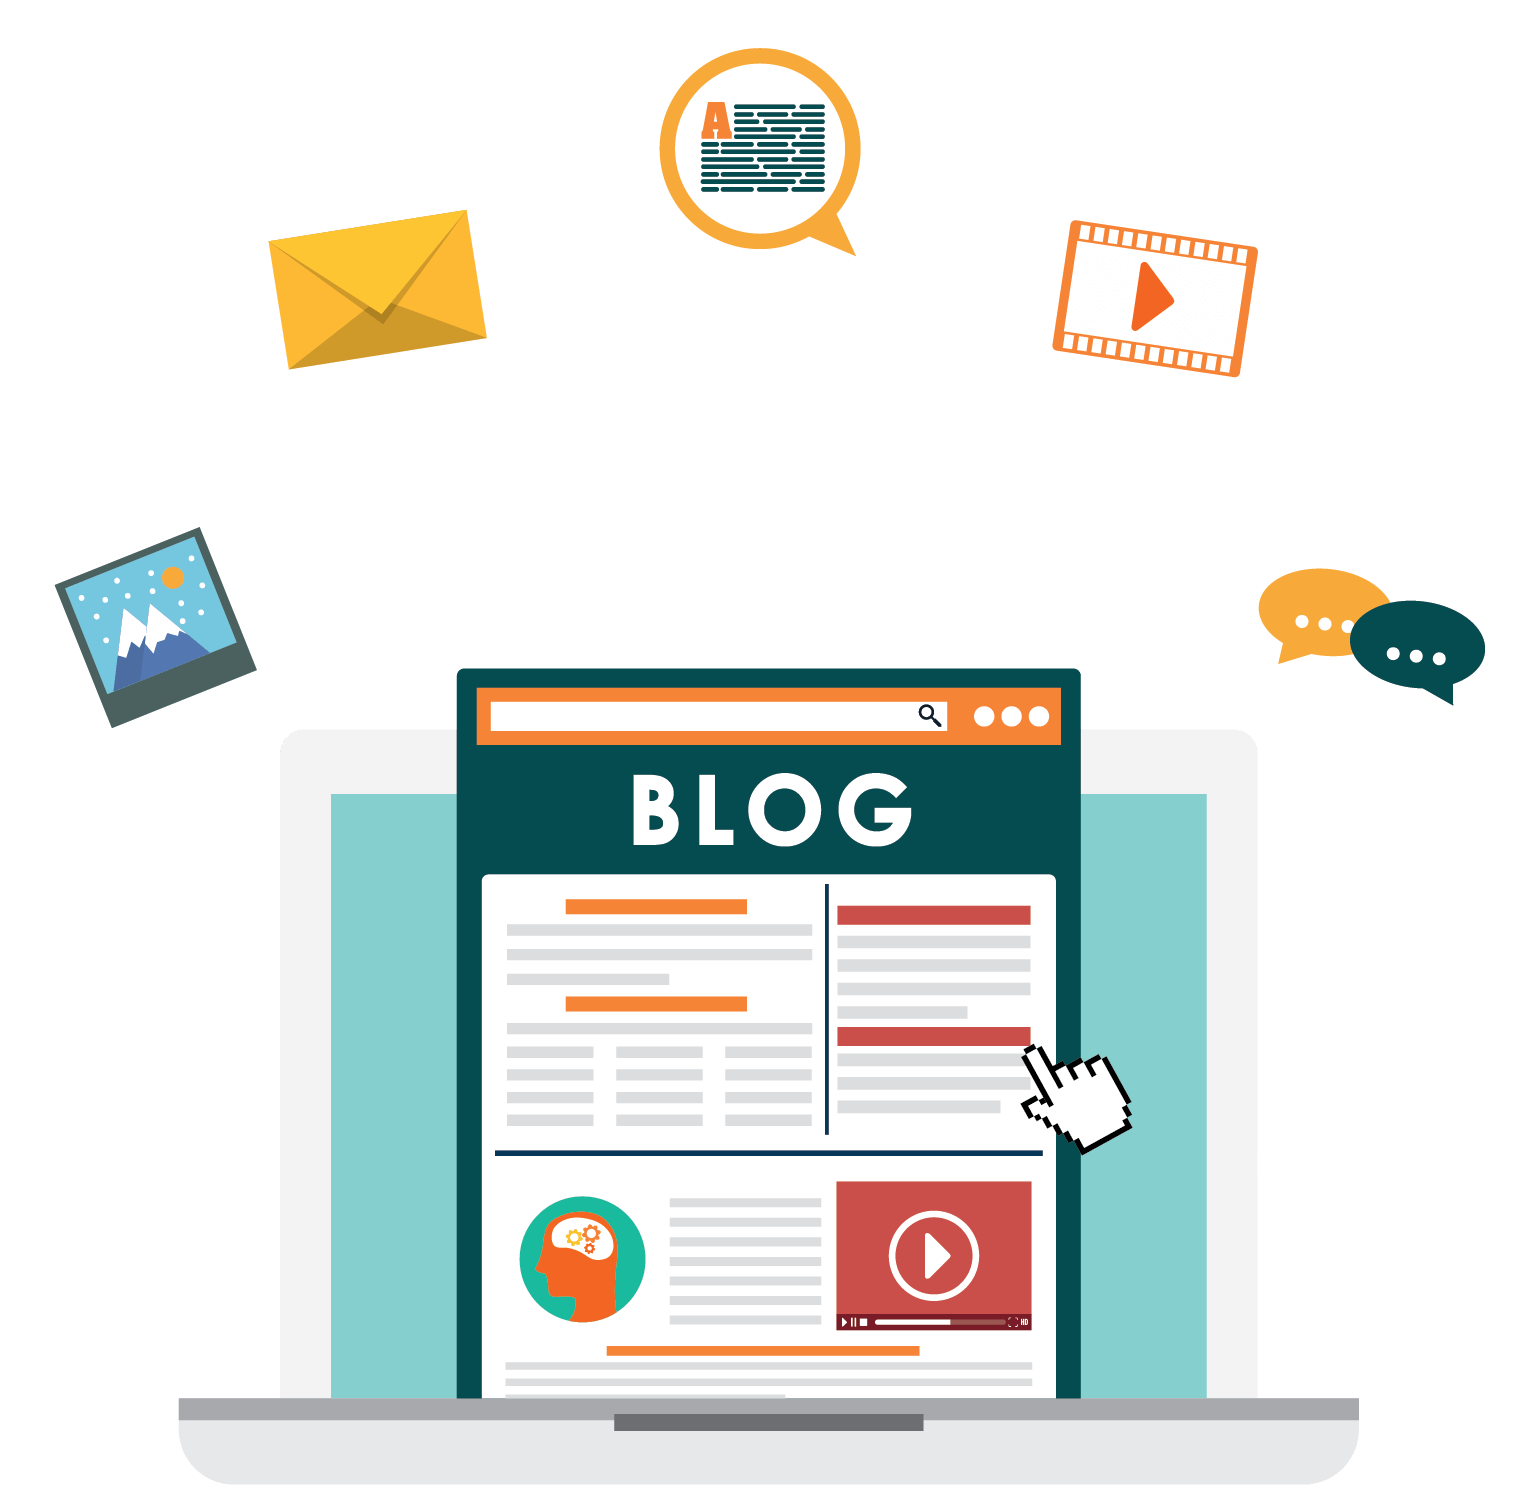 Blog-Guide